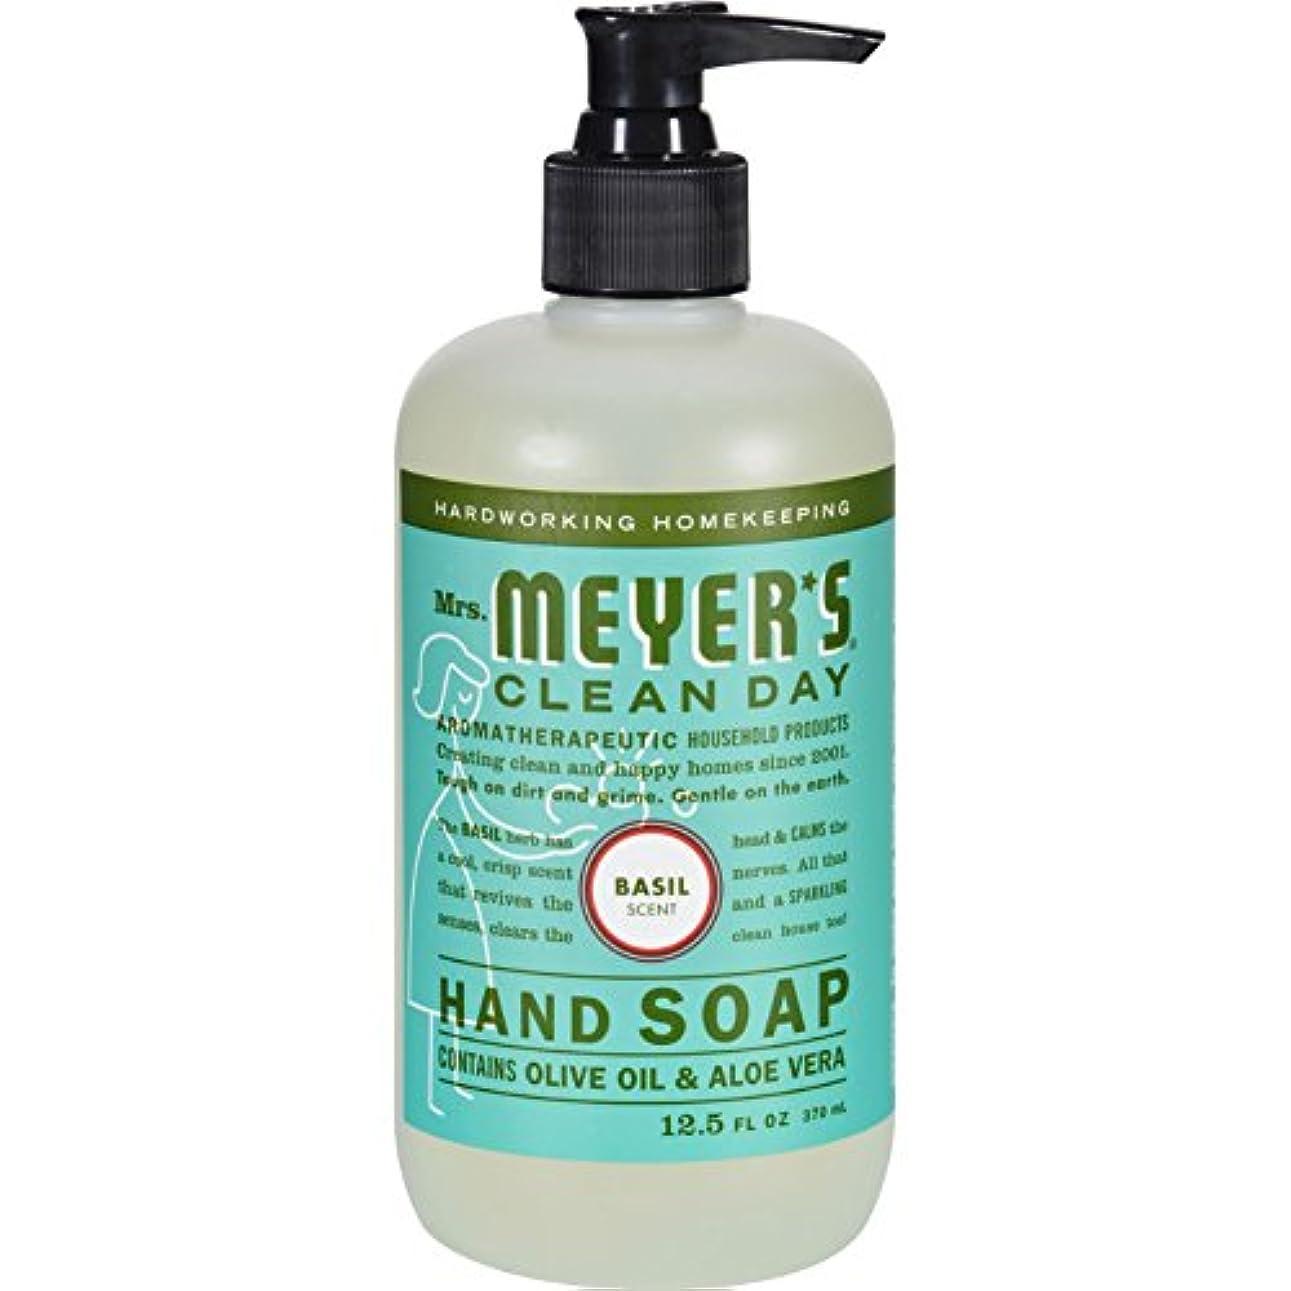 どこにでも代わりに介入するMRS. MEYER'S HAND SOAP,LIQ,BASIL, 12.5 FZ by Mrs. Meyer's Clean Day